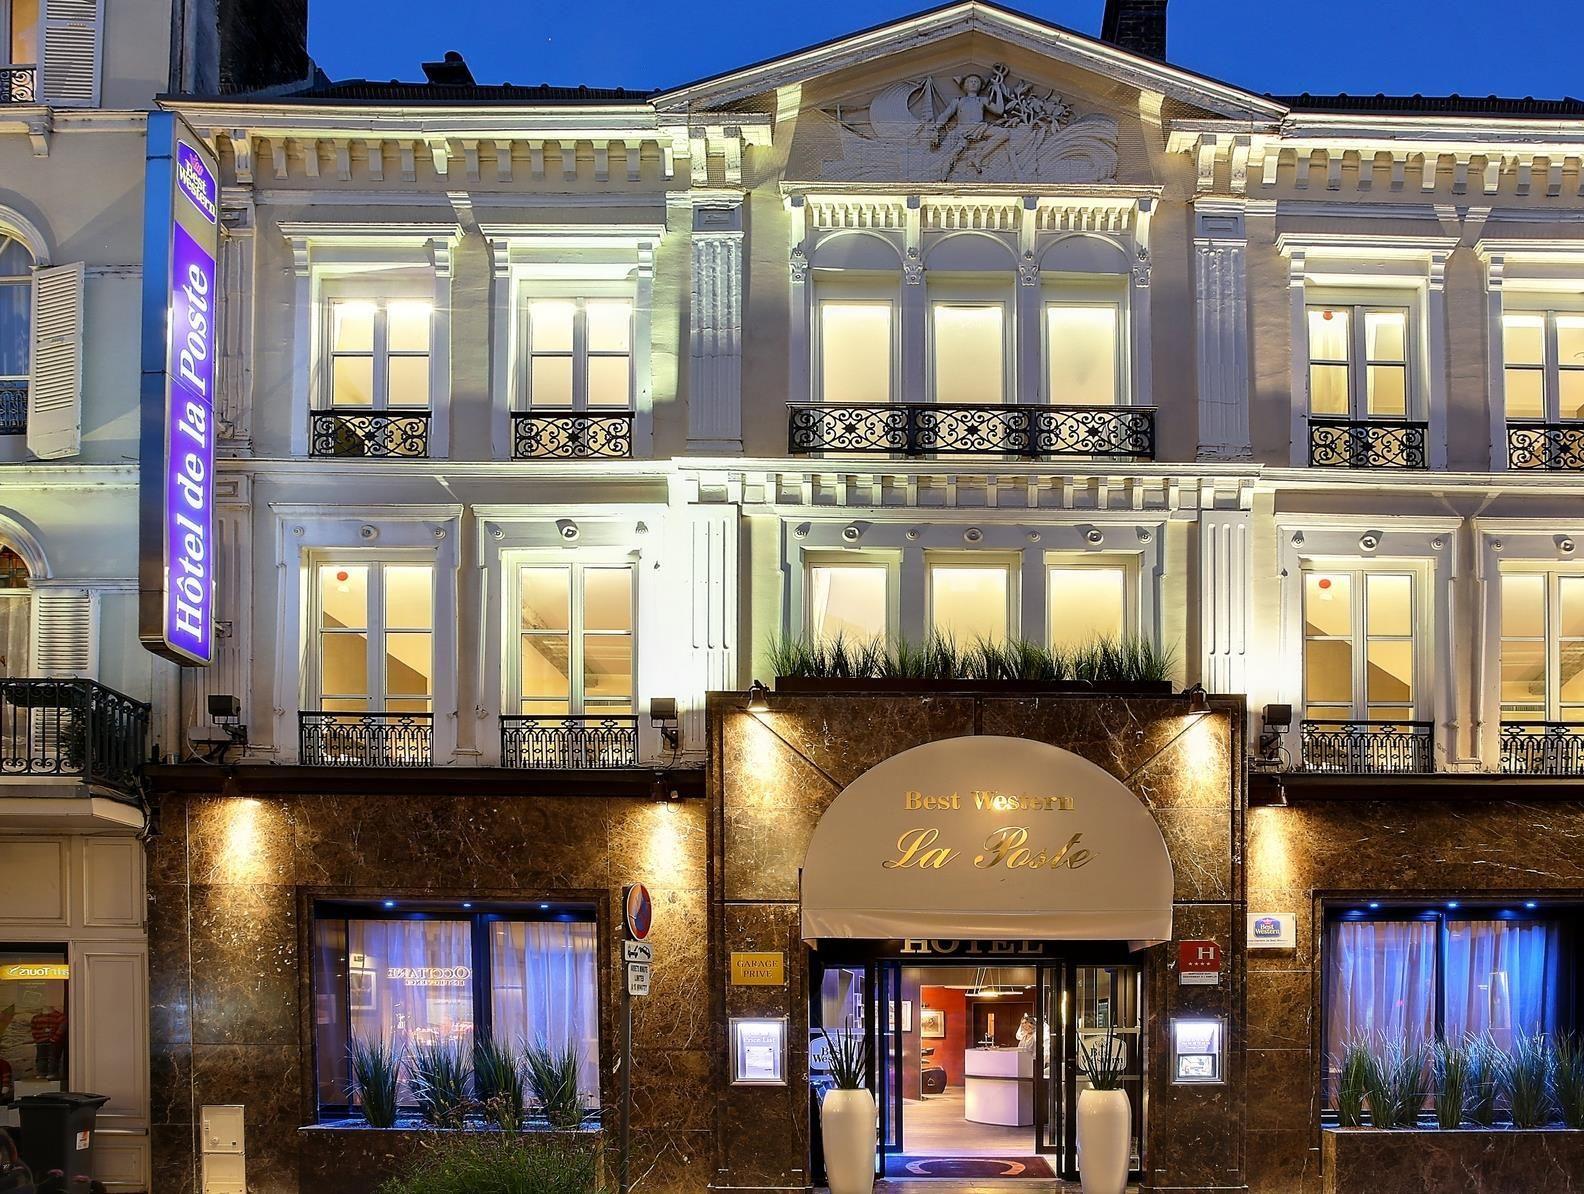 Troyes Best Western de La Poste France, Europe Best